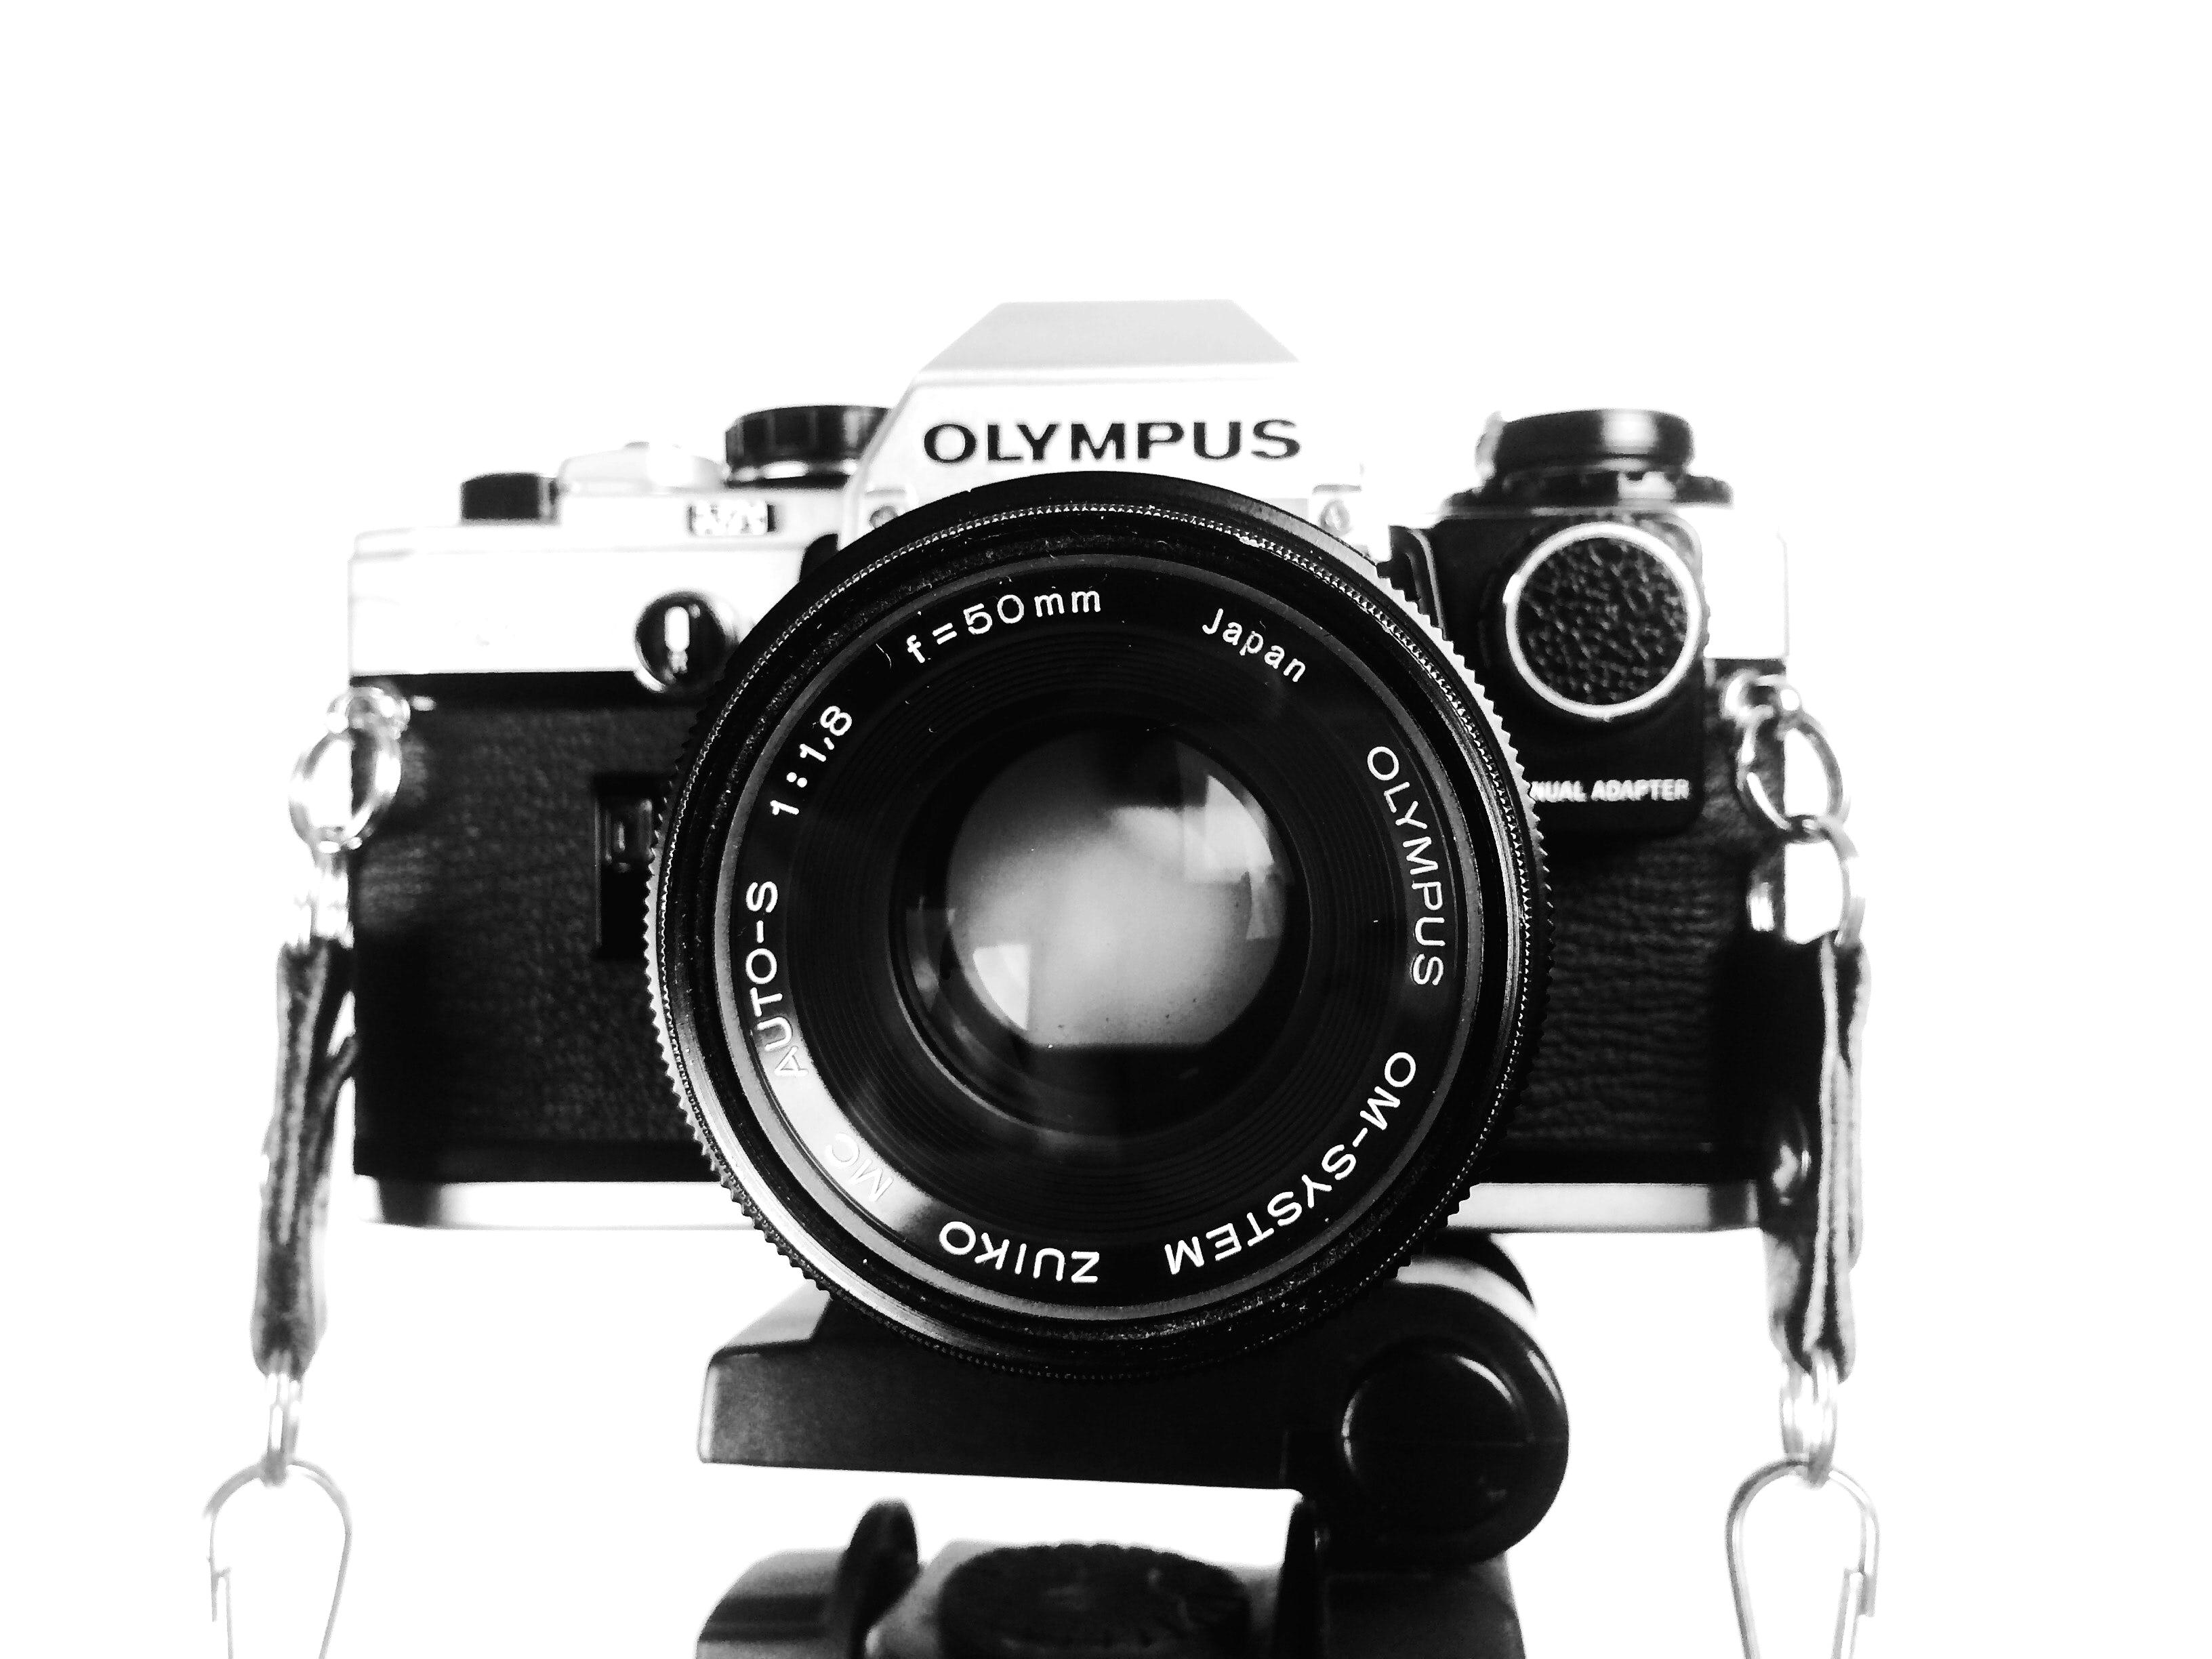 camara de fotos olympus analogica con lente 50mm fondo blanco